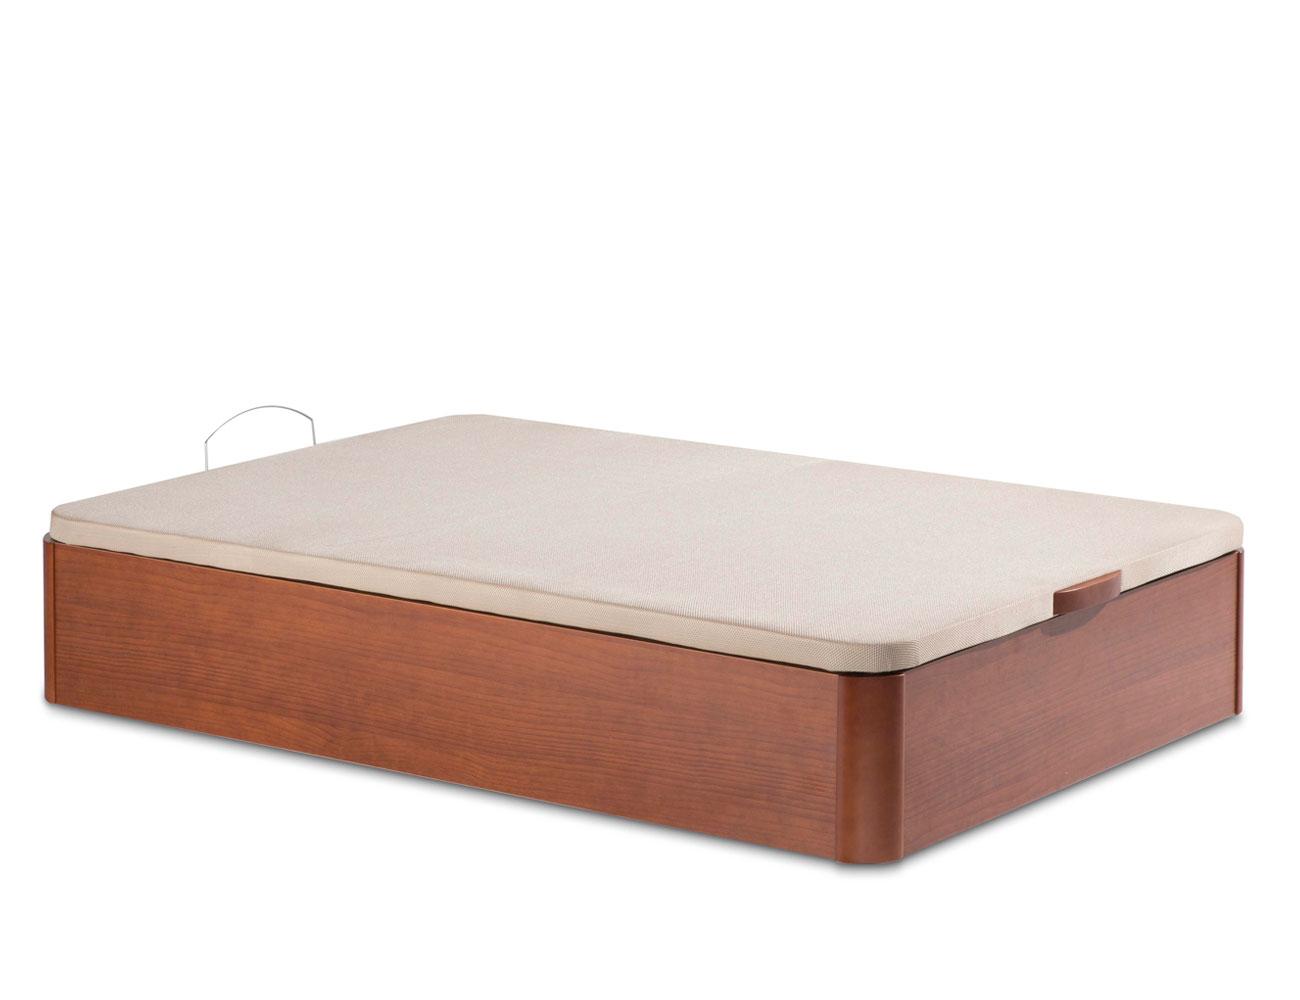 Canape madera base 3d 7311